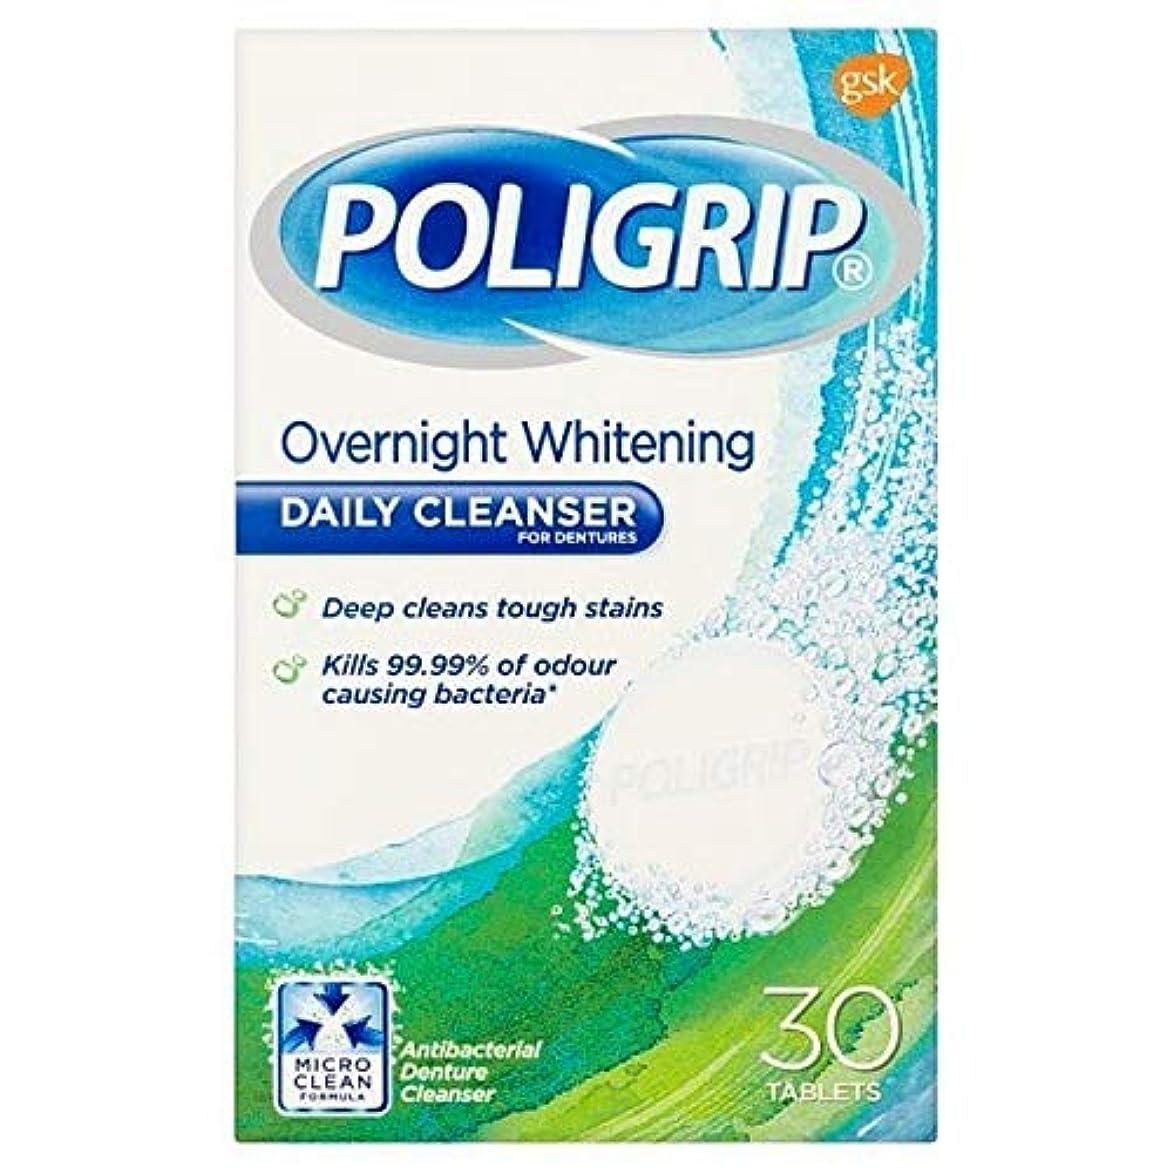 規範暫定のインク[Poligrip] 毎日のクレンザーは30PkホワイトニングPoligrip - Poligrip Whitening Daily Cleansers 30pk [並行輸入品]